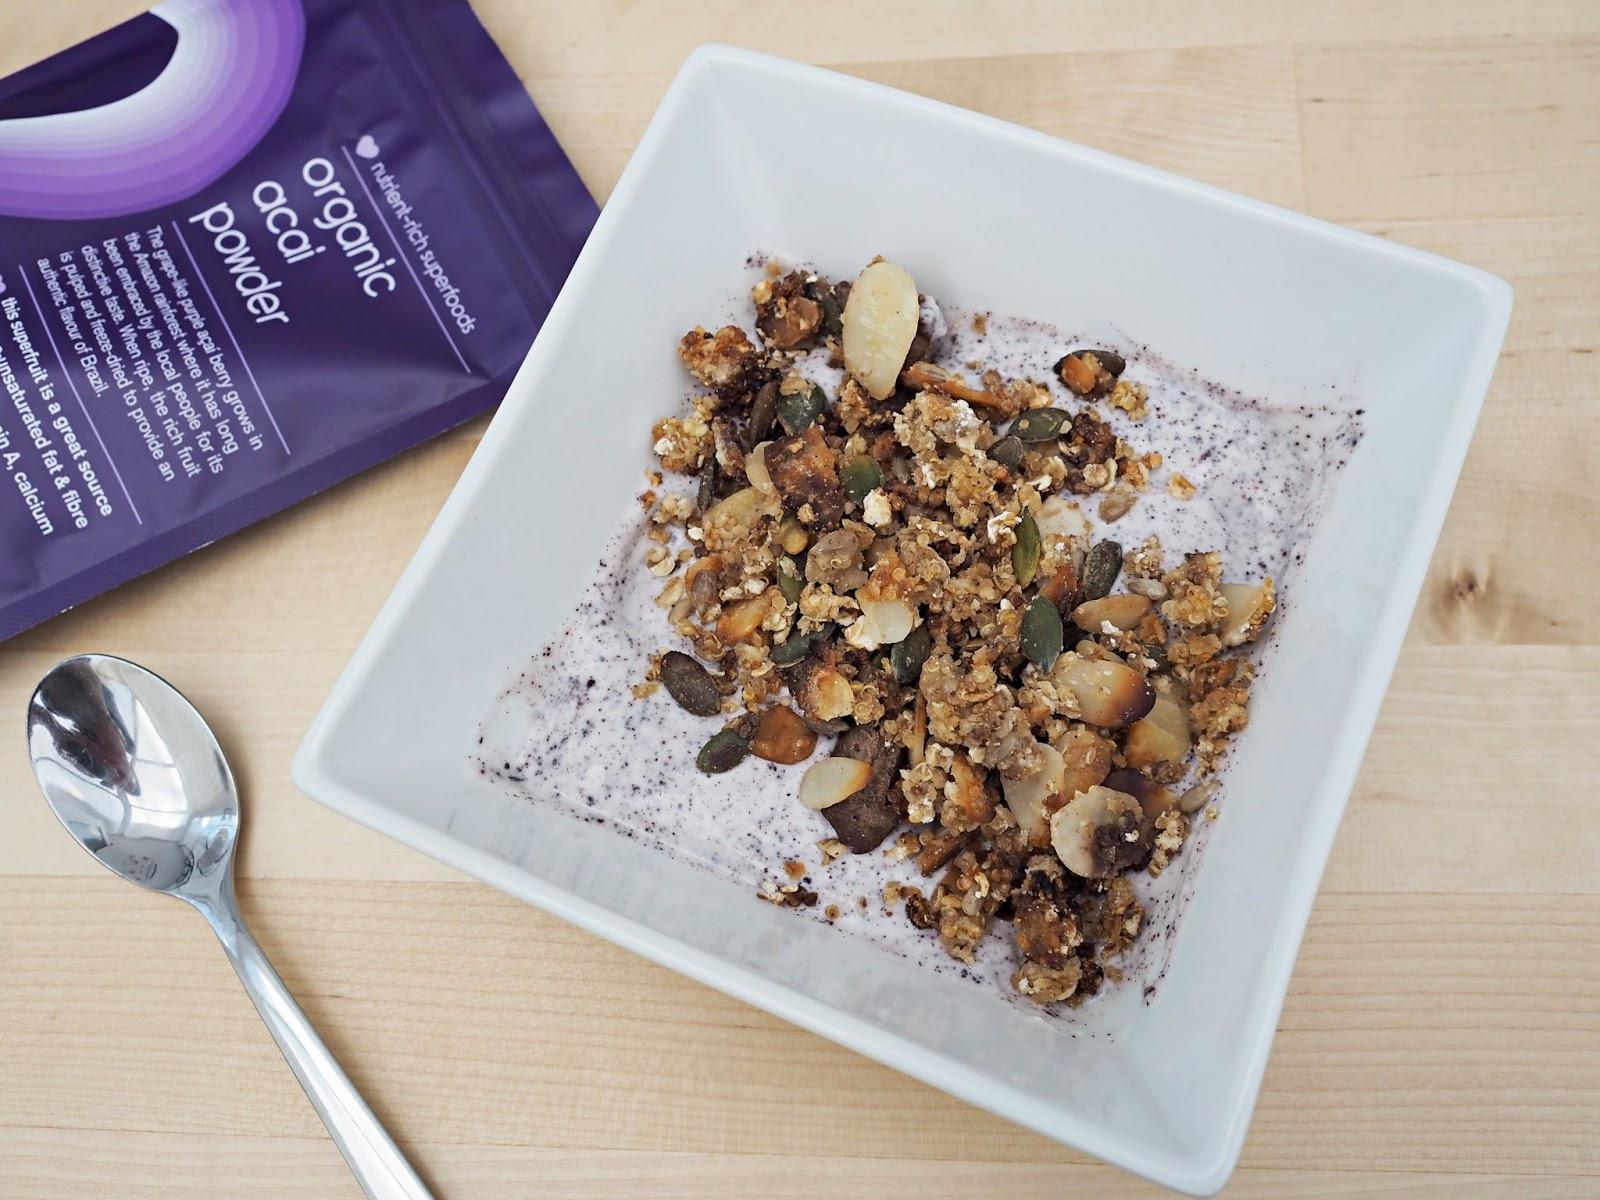 acai powder, yoghurt and quinoa granola